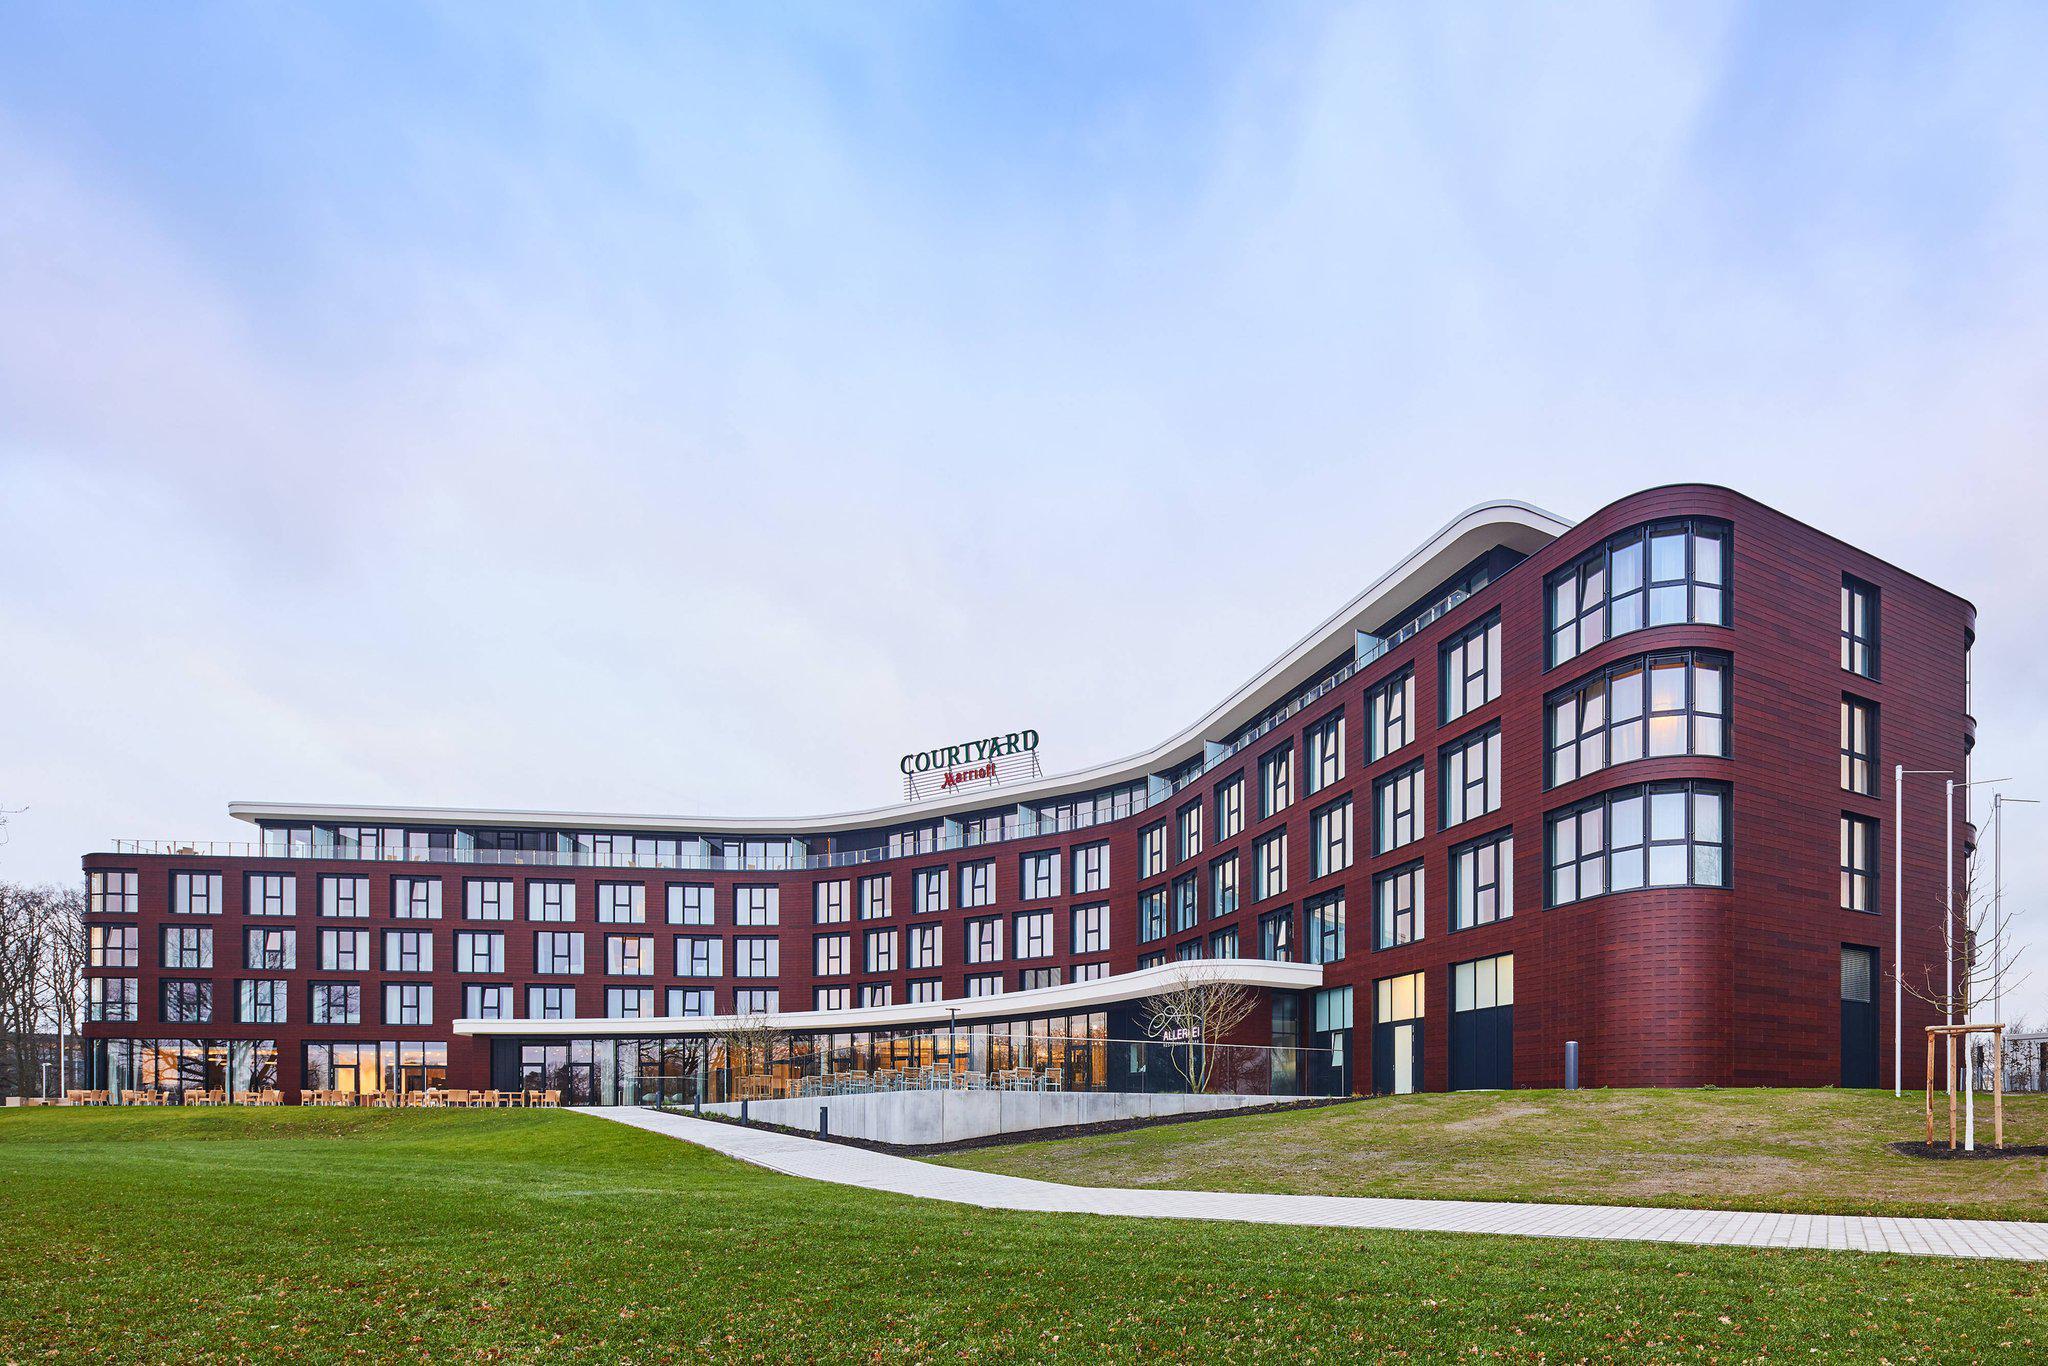 Courtyard by Marriott Wolfsburg